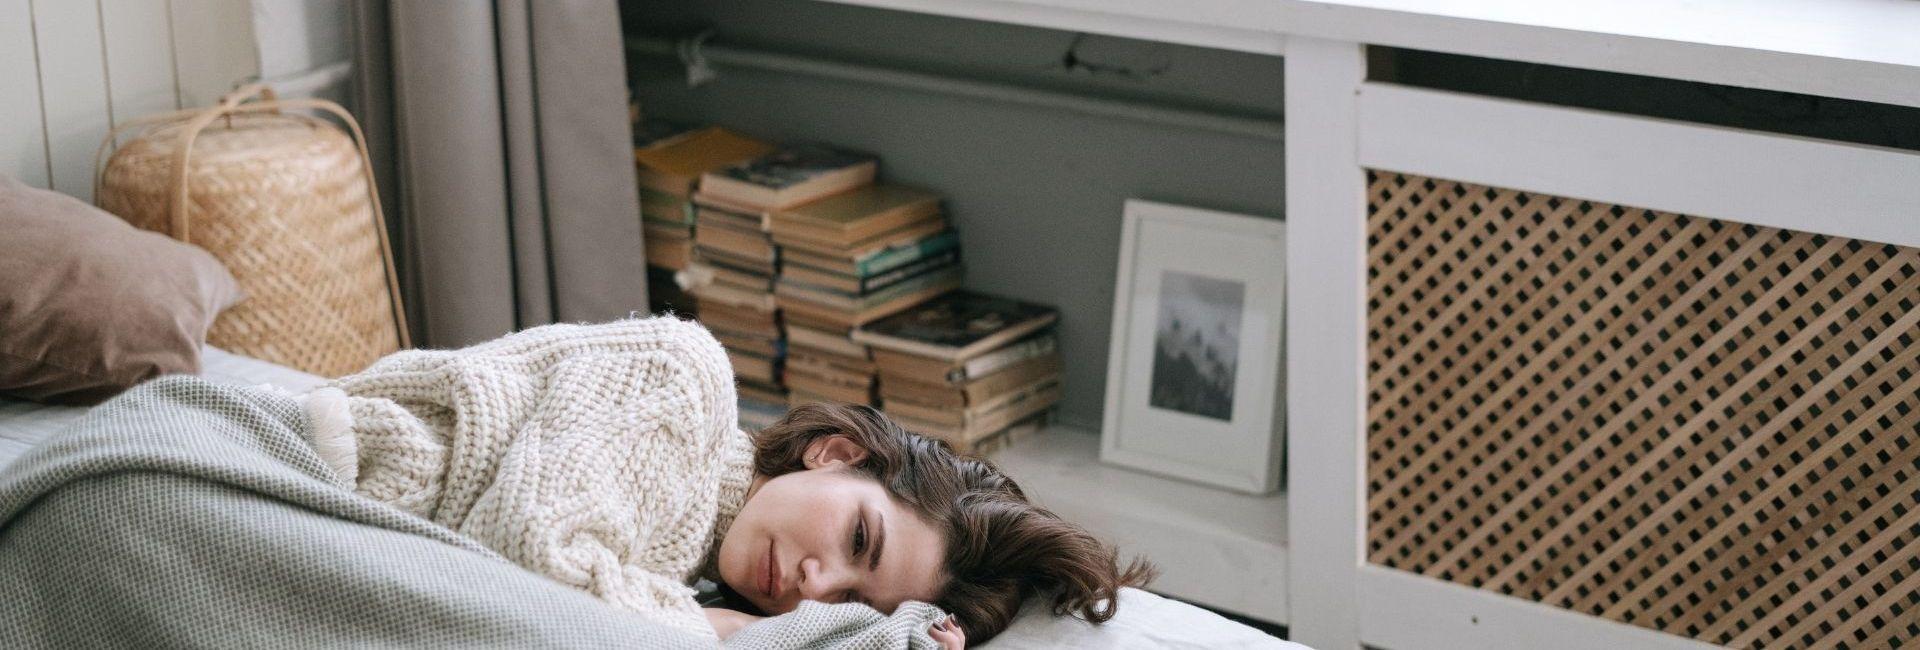 Femme-fatigue-flemme